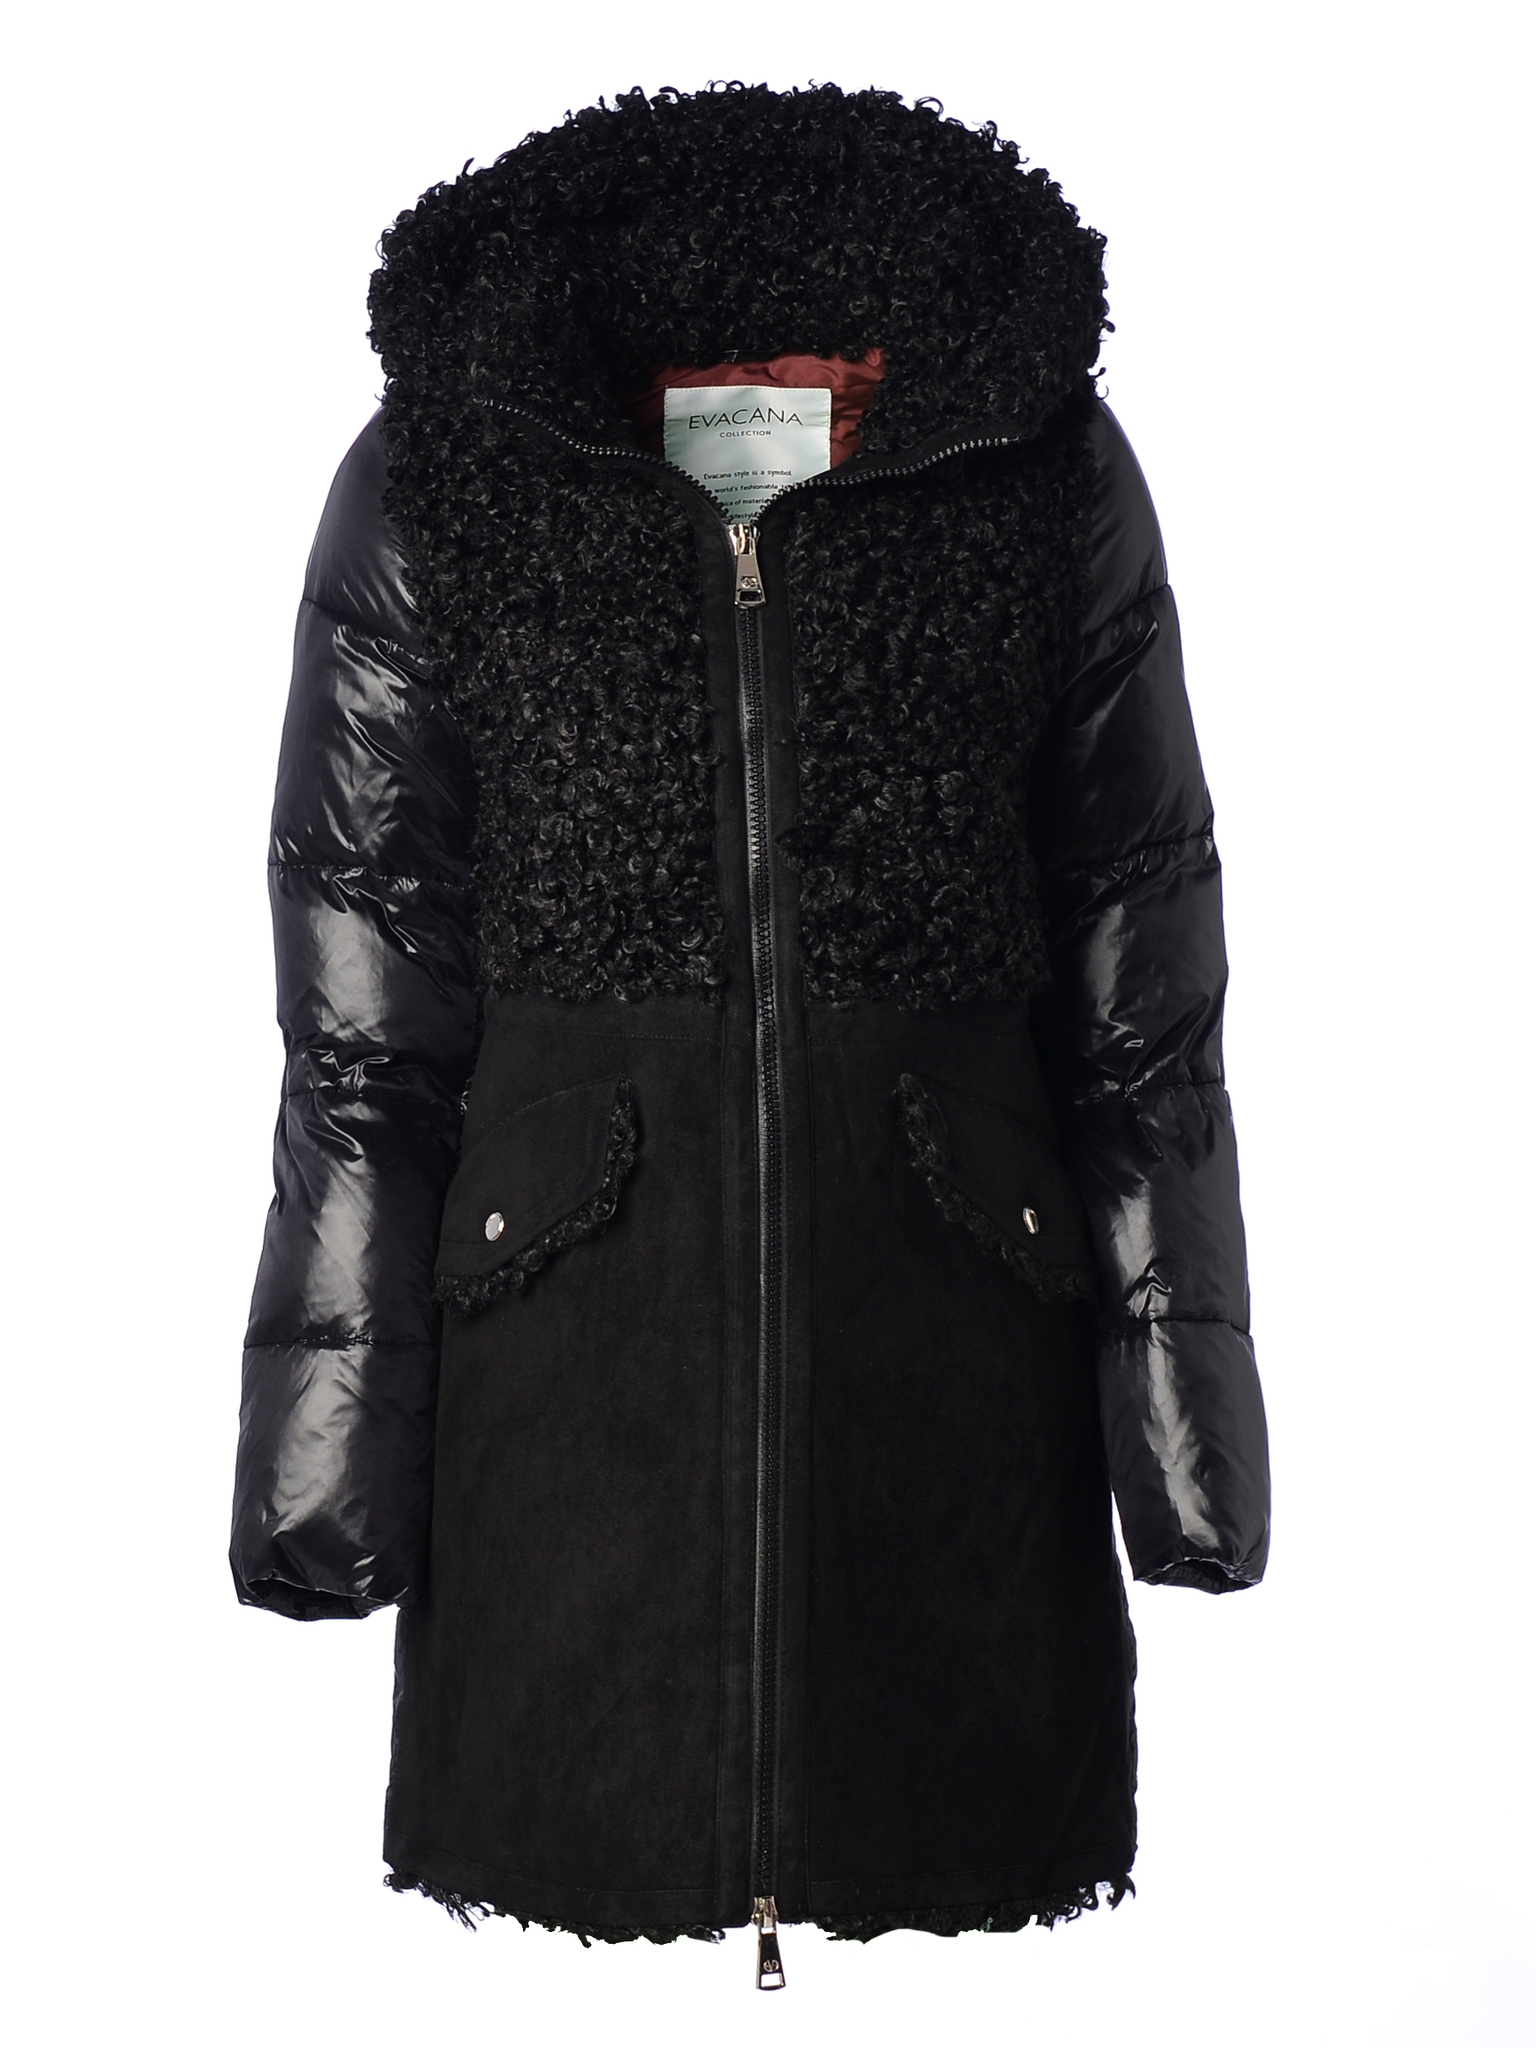 Куртка зимняя EVACANA 21702 (черная)